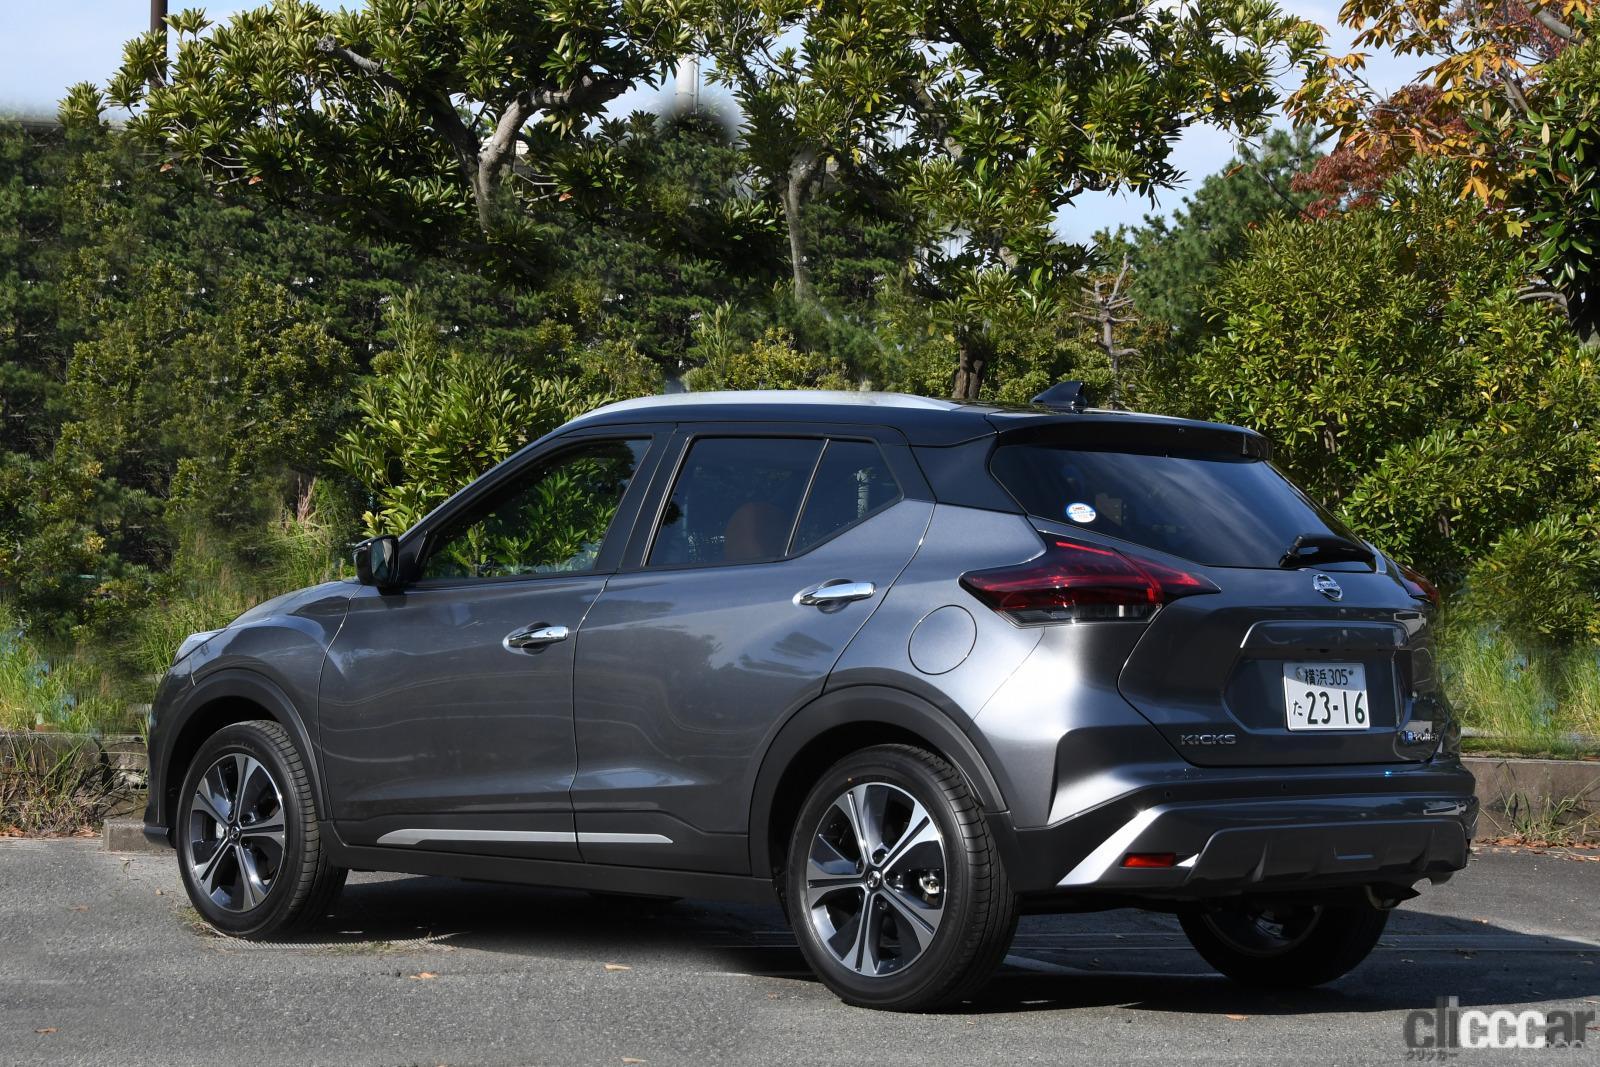 「SUVのeパワー搭載モデルが登場。コンパクトカー、ミニバンに続く第3弾【日産キックス試乗】」の2枚目の画像